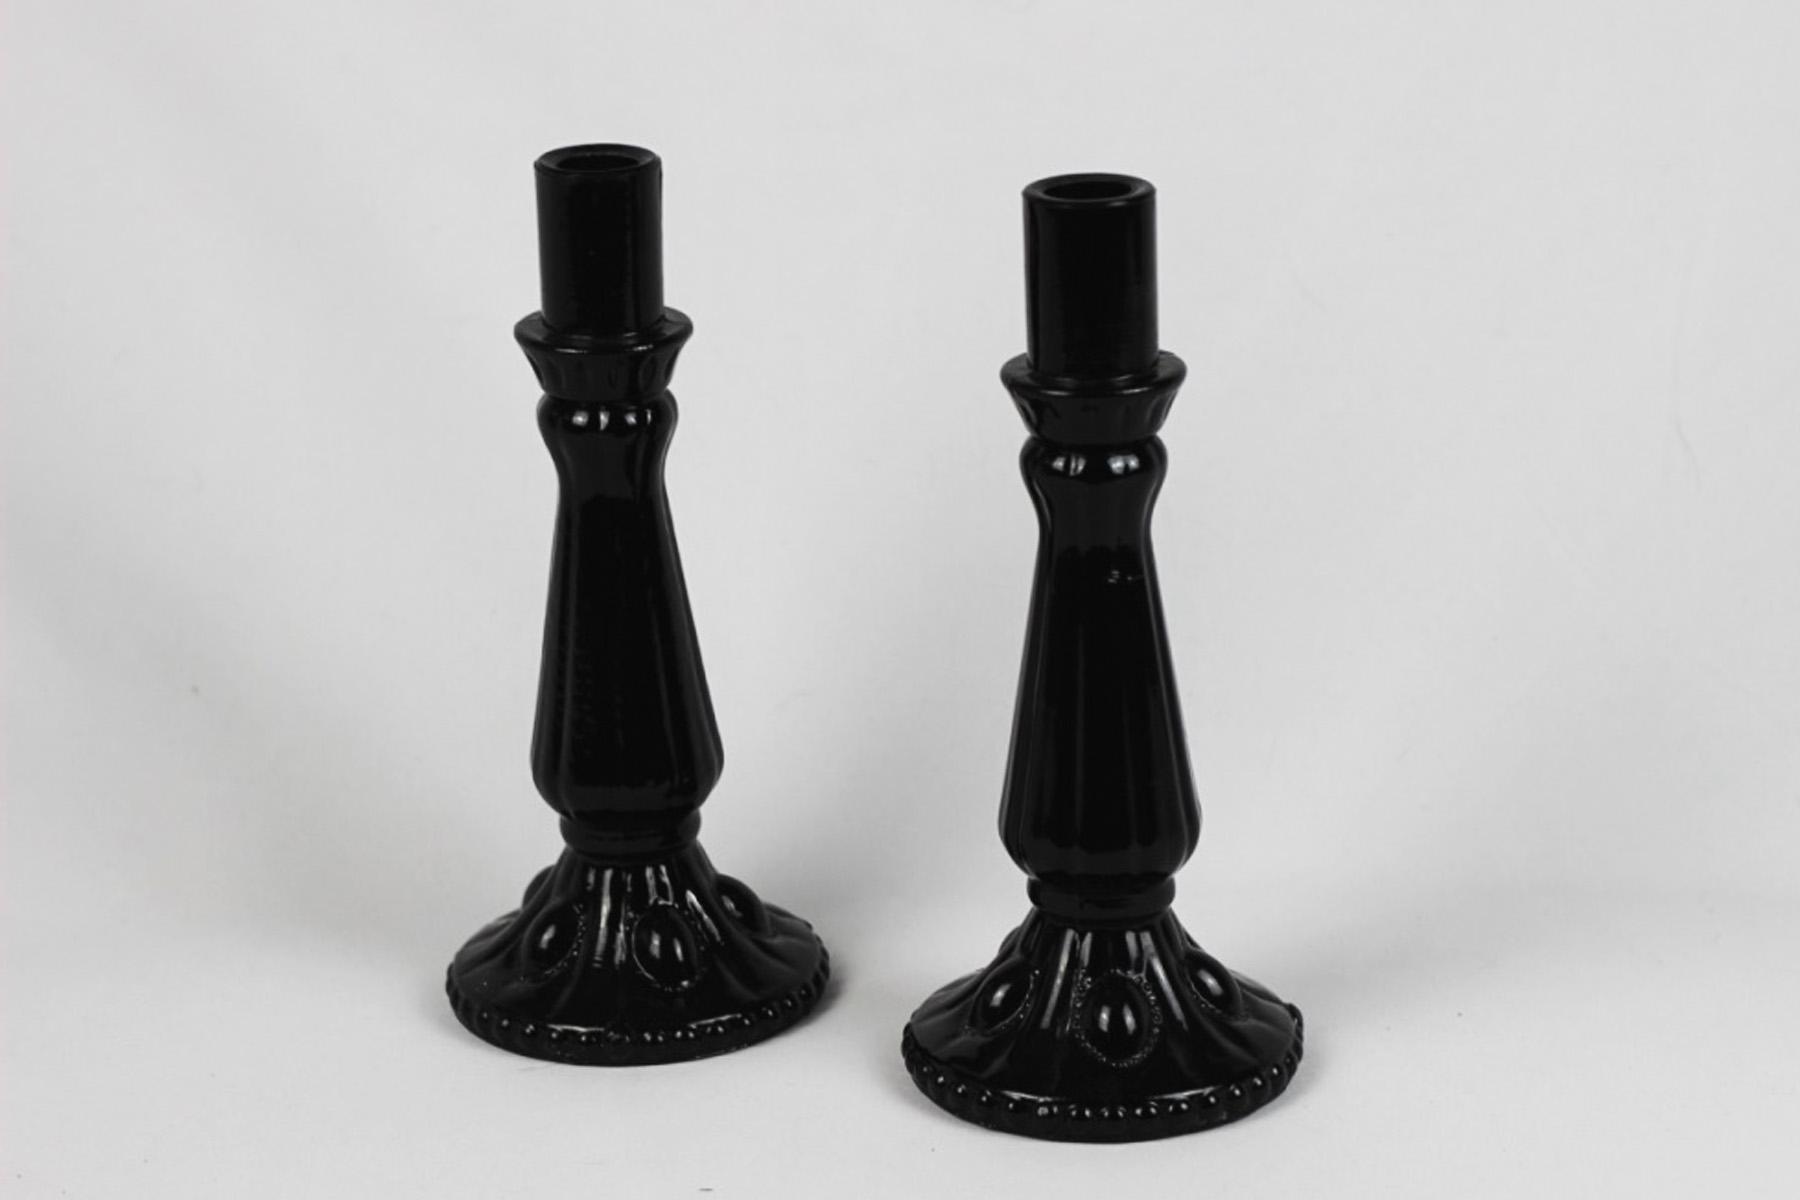 Black Glass Candlesticks - Scavenged Vintage Rentals